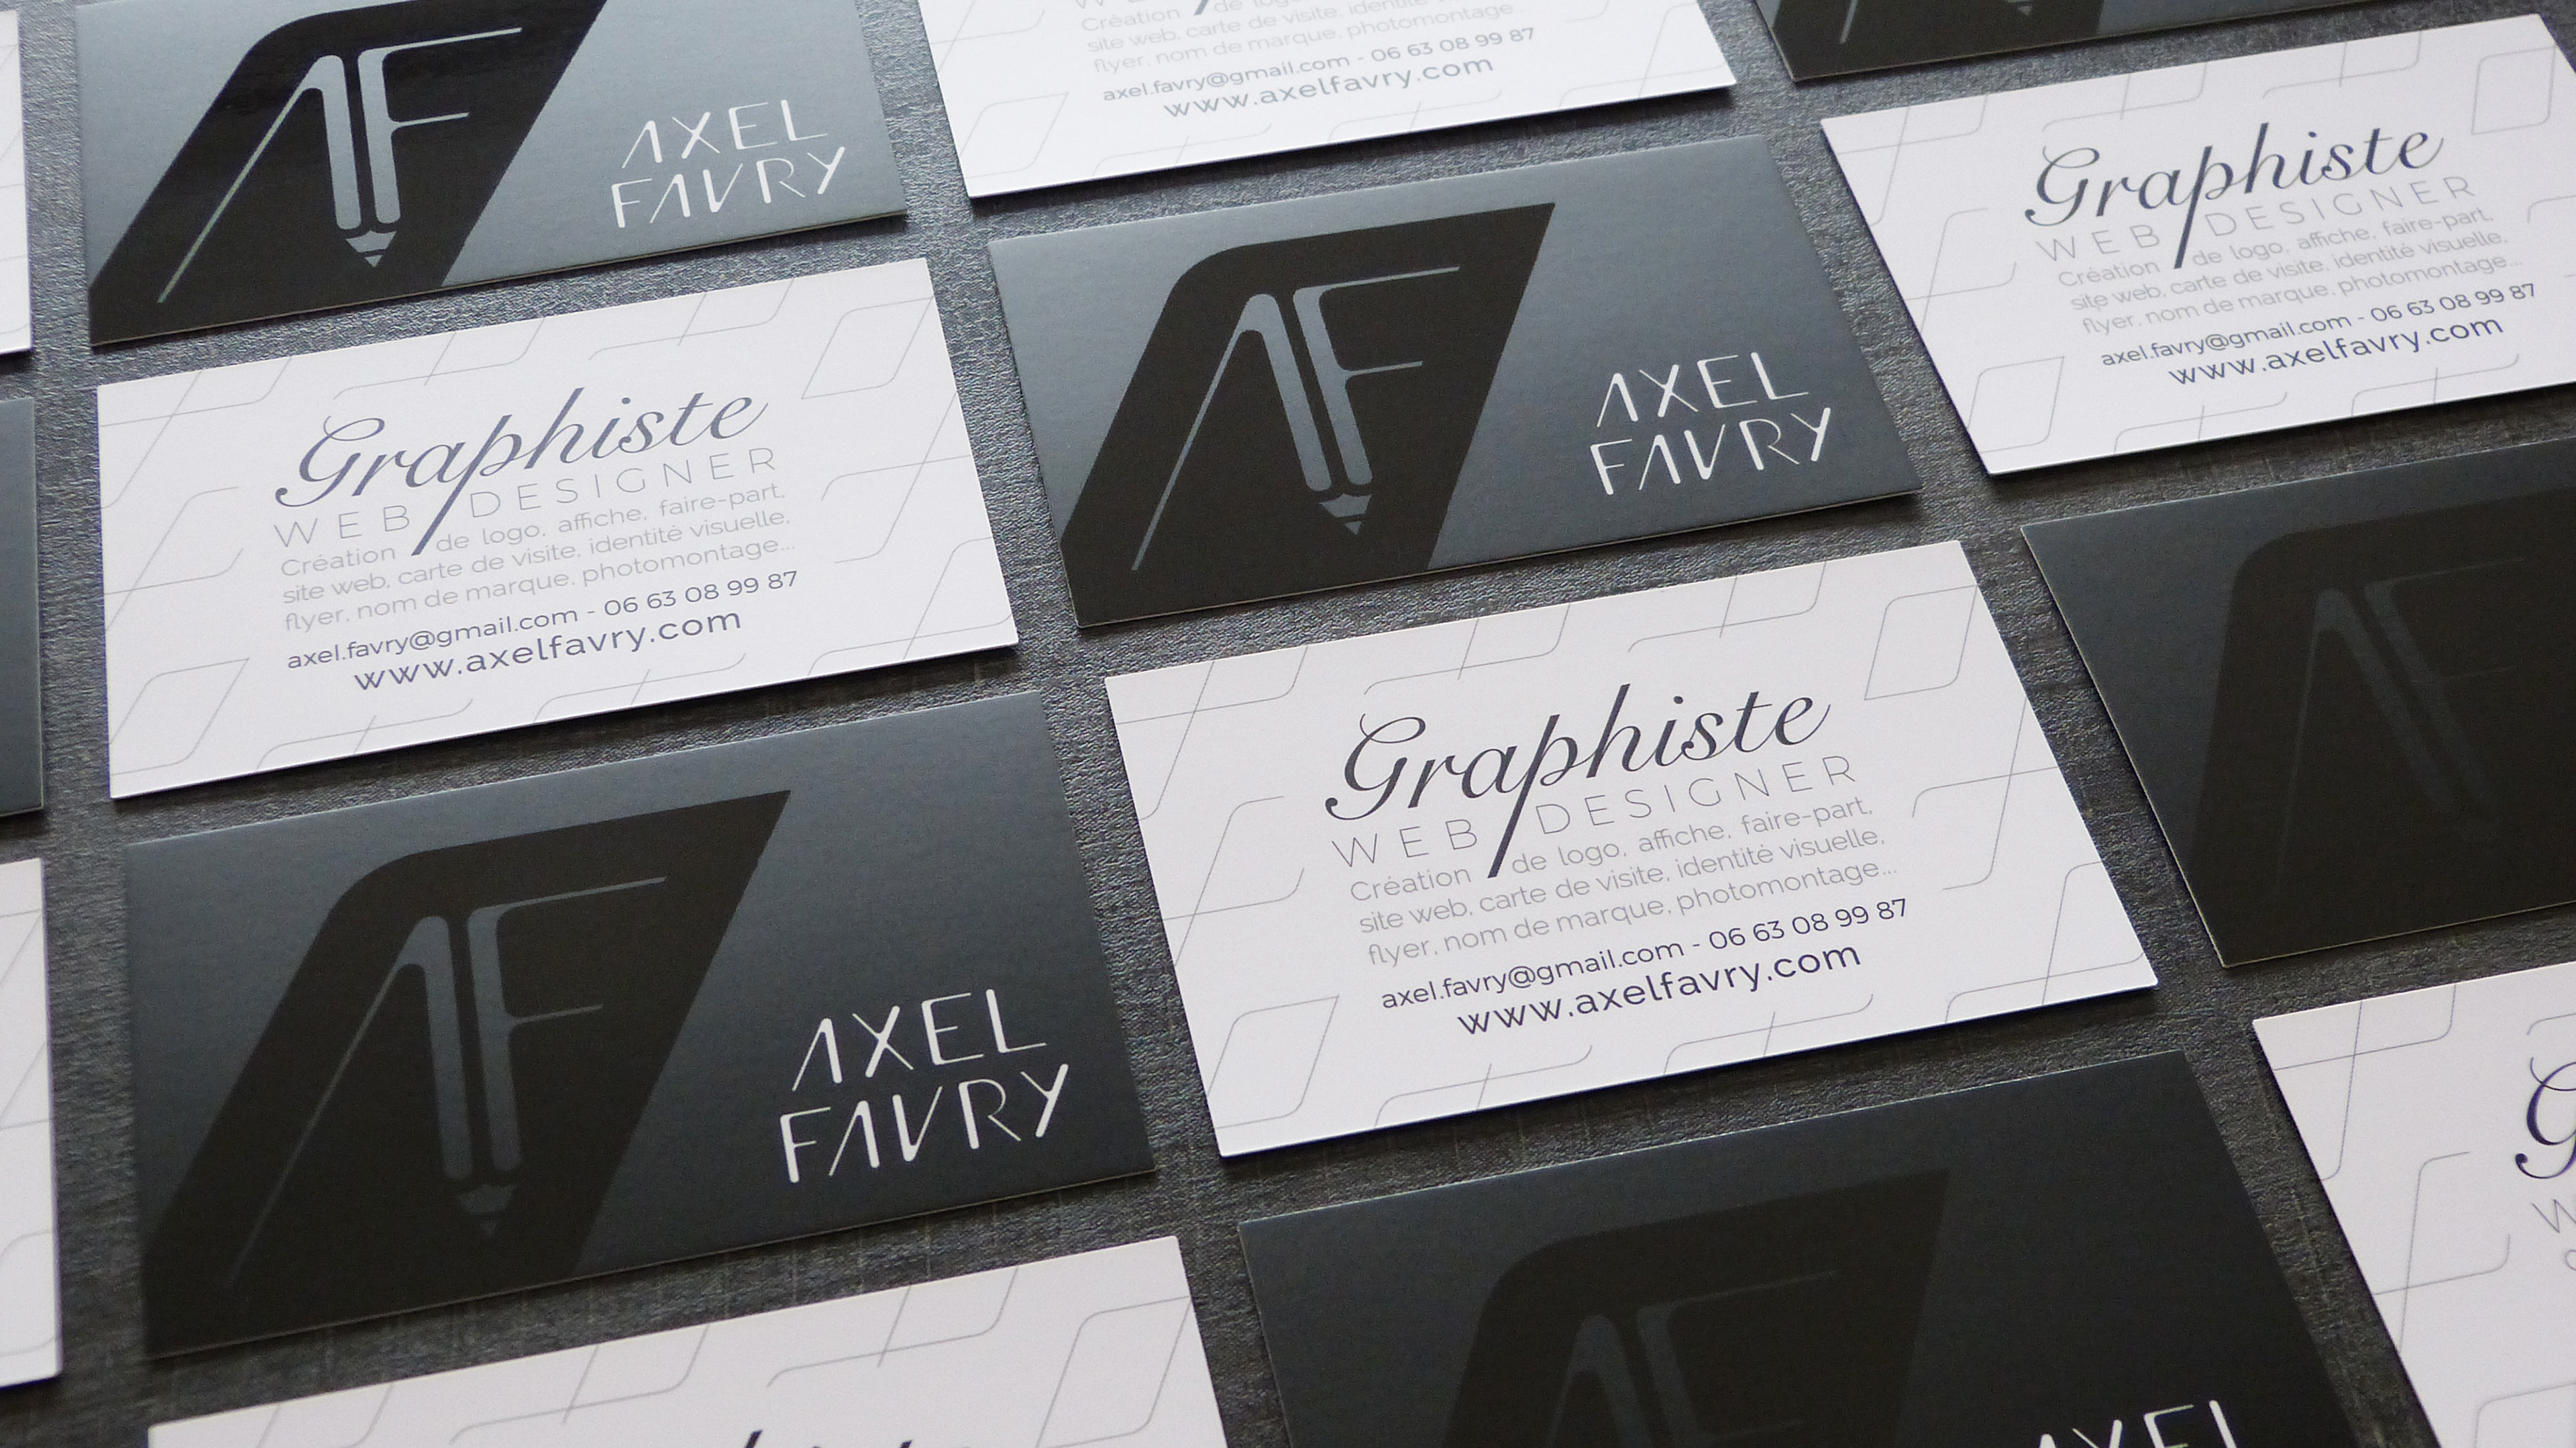 Et Dautant Plus Pour Un Graphiste Creant Lui Meme Le Design Qui La Carte De Visite Reflete A Fois Limage Son Activite Revele Image